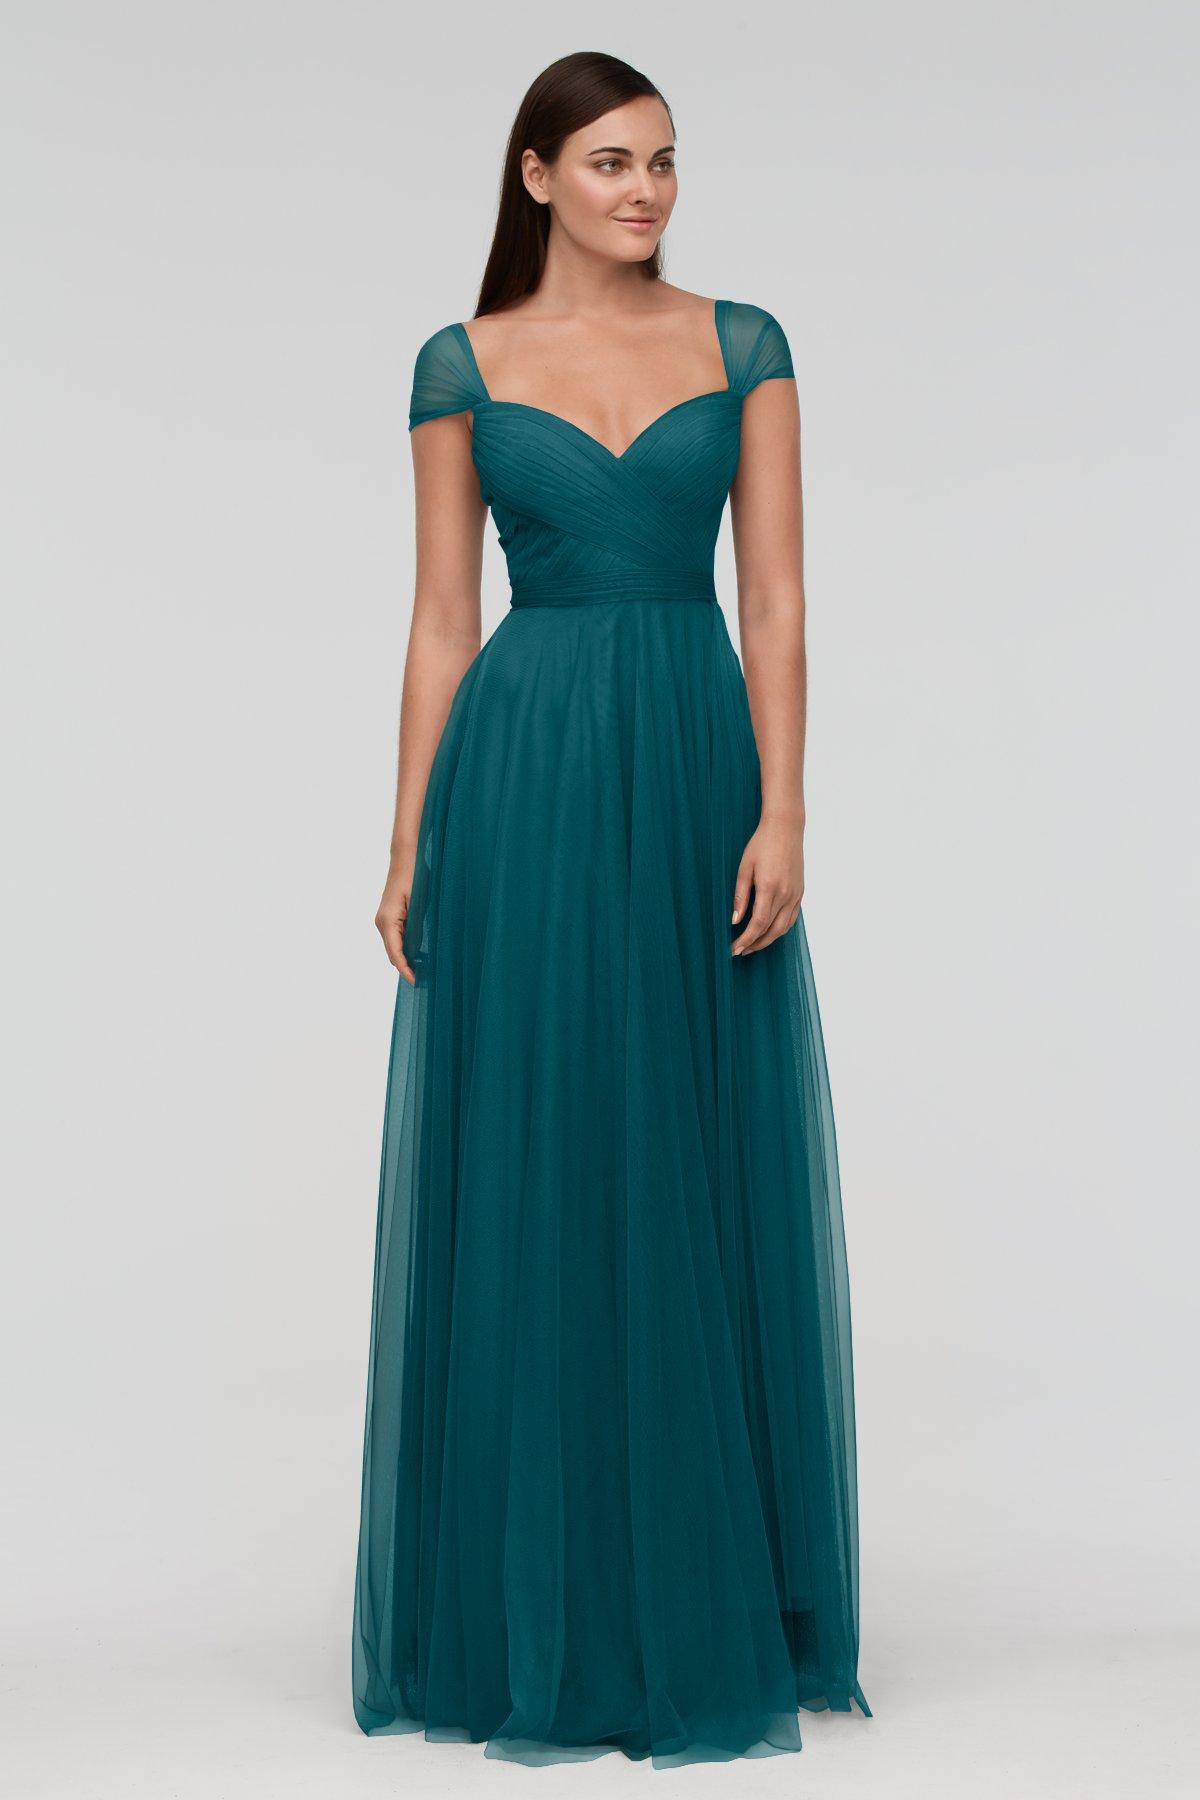 Viridian Green Cap Sleeve Bridesmaid Dress Uk Budget